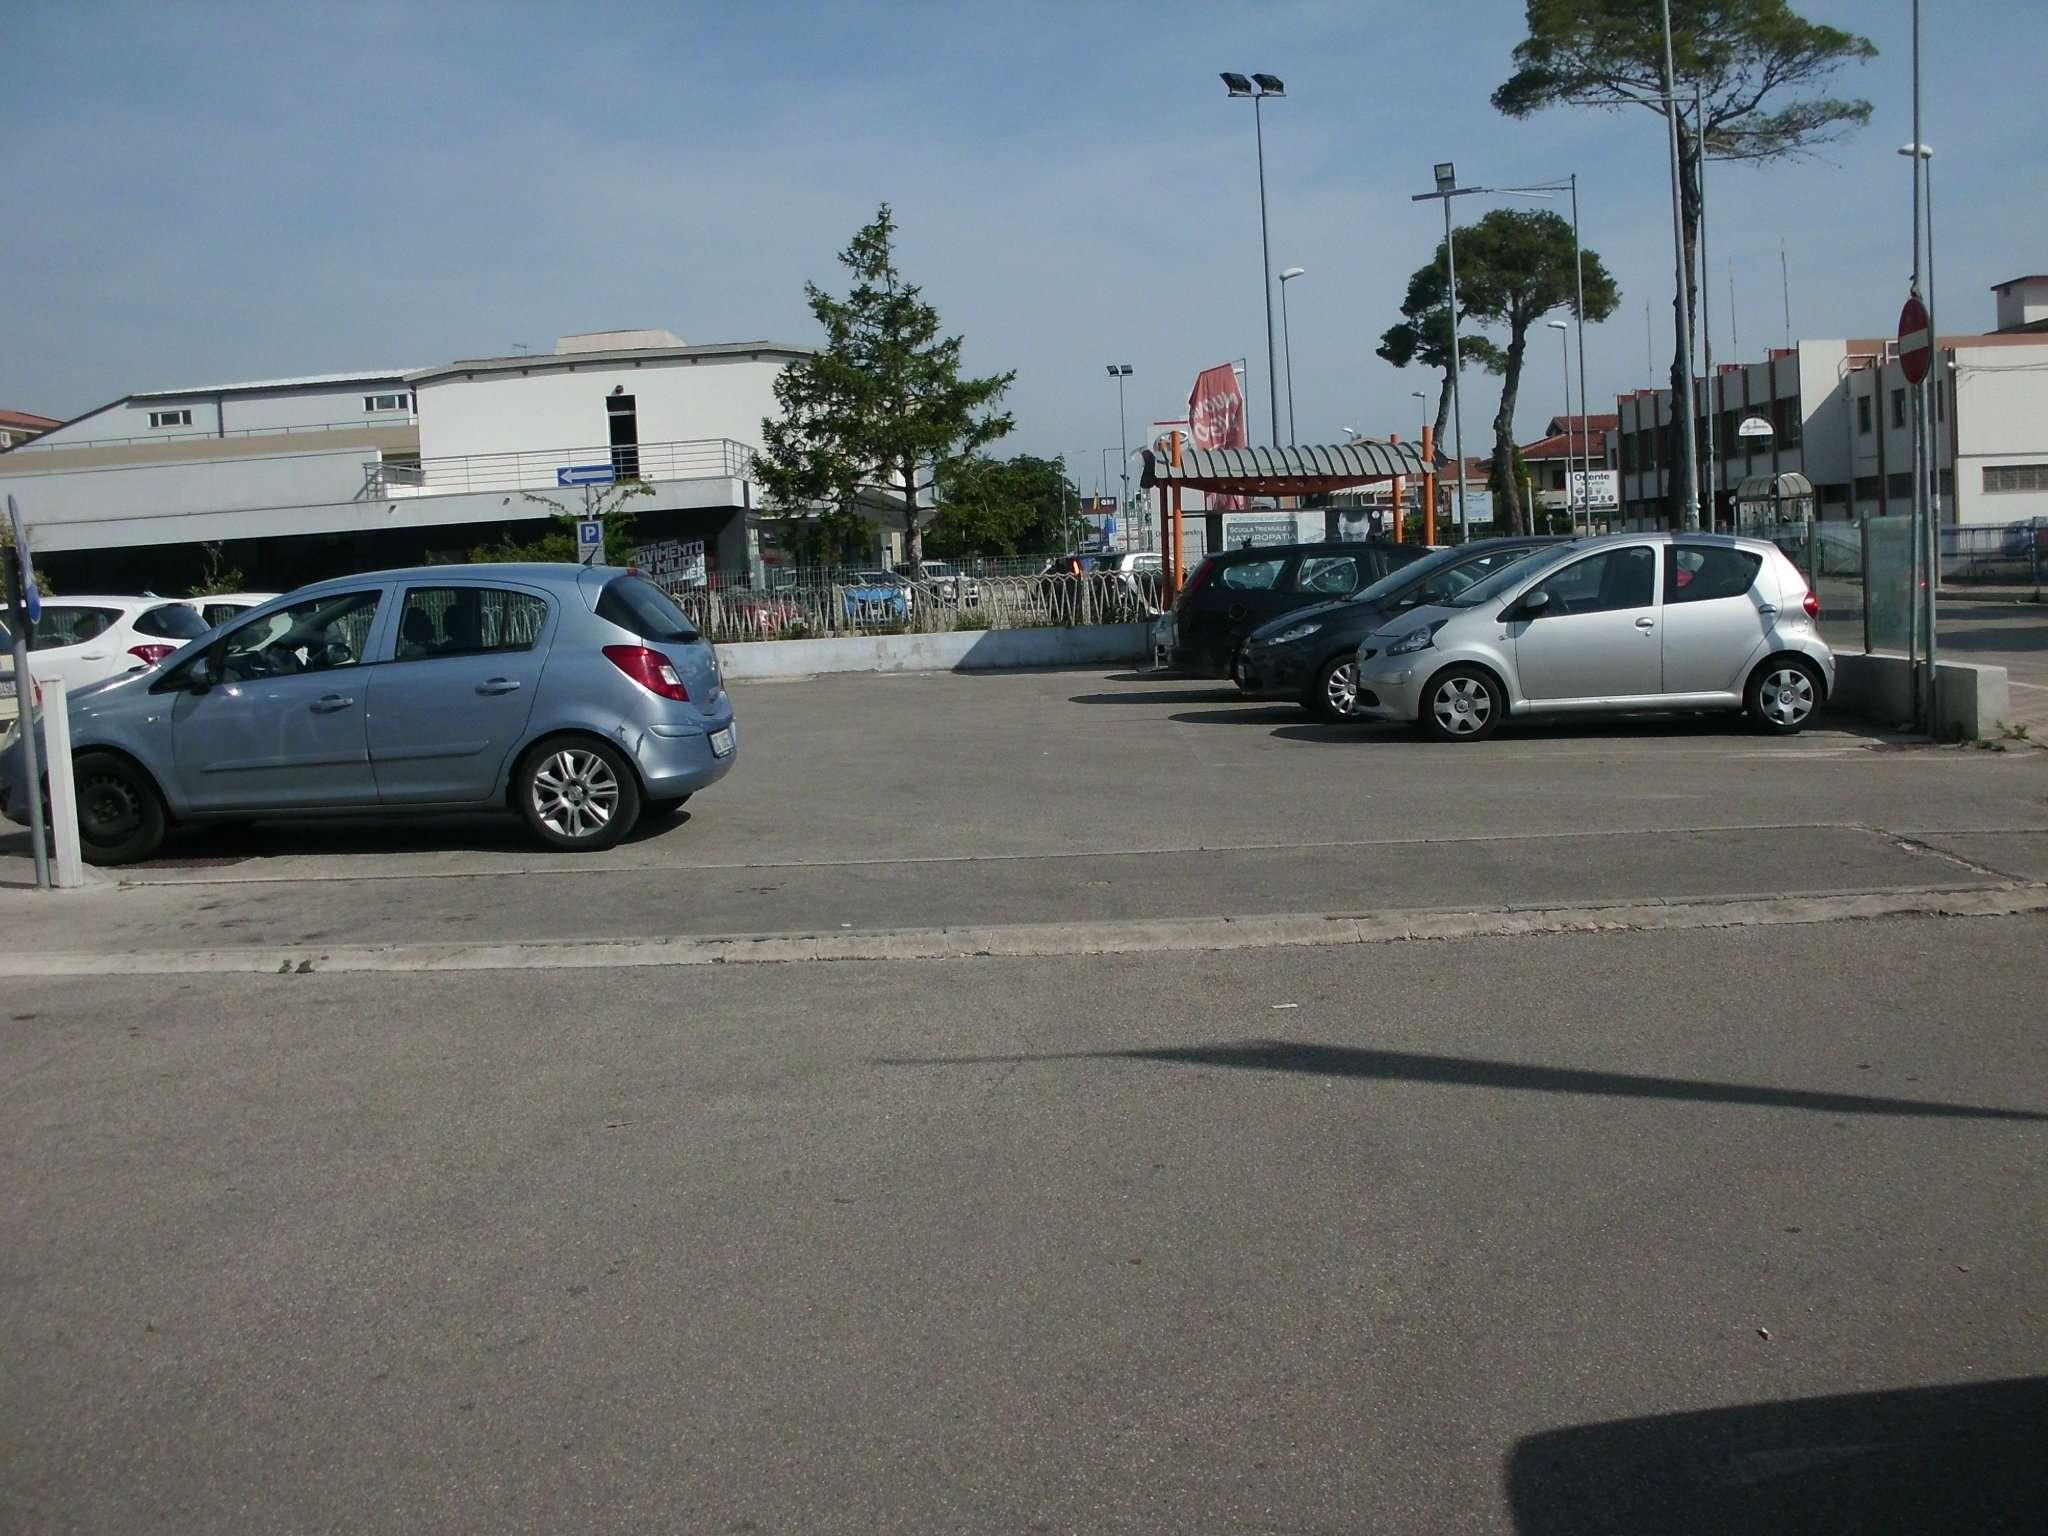 Ufficio / Studio in vendita a Silvi, 1 locali, Trattative riservate | Cambio Casa.it